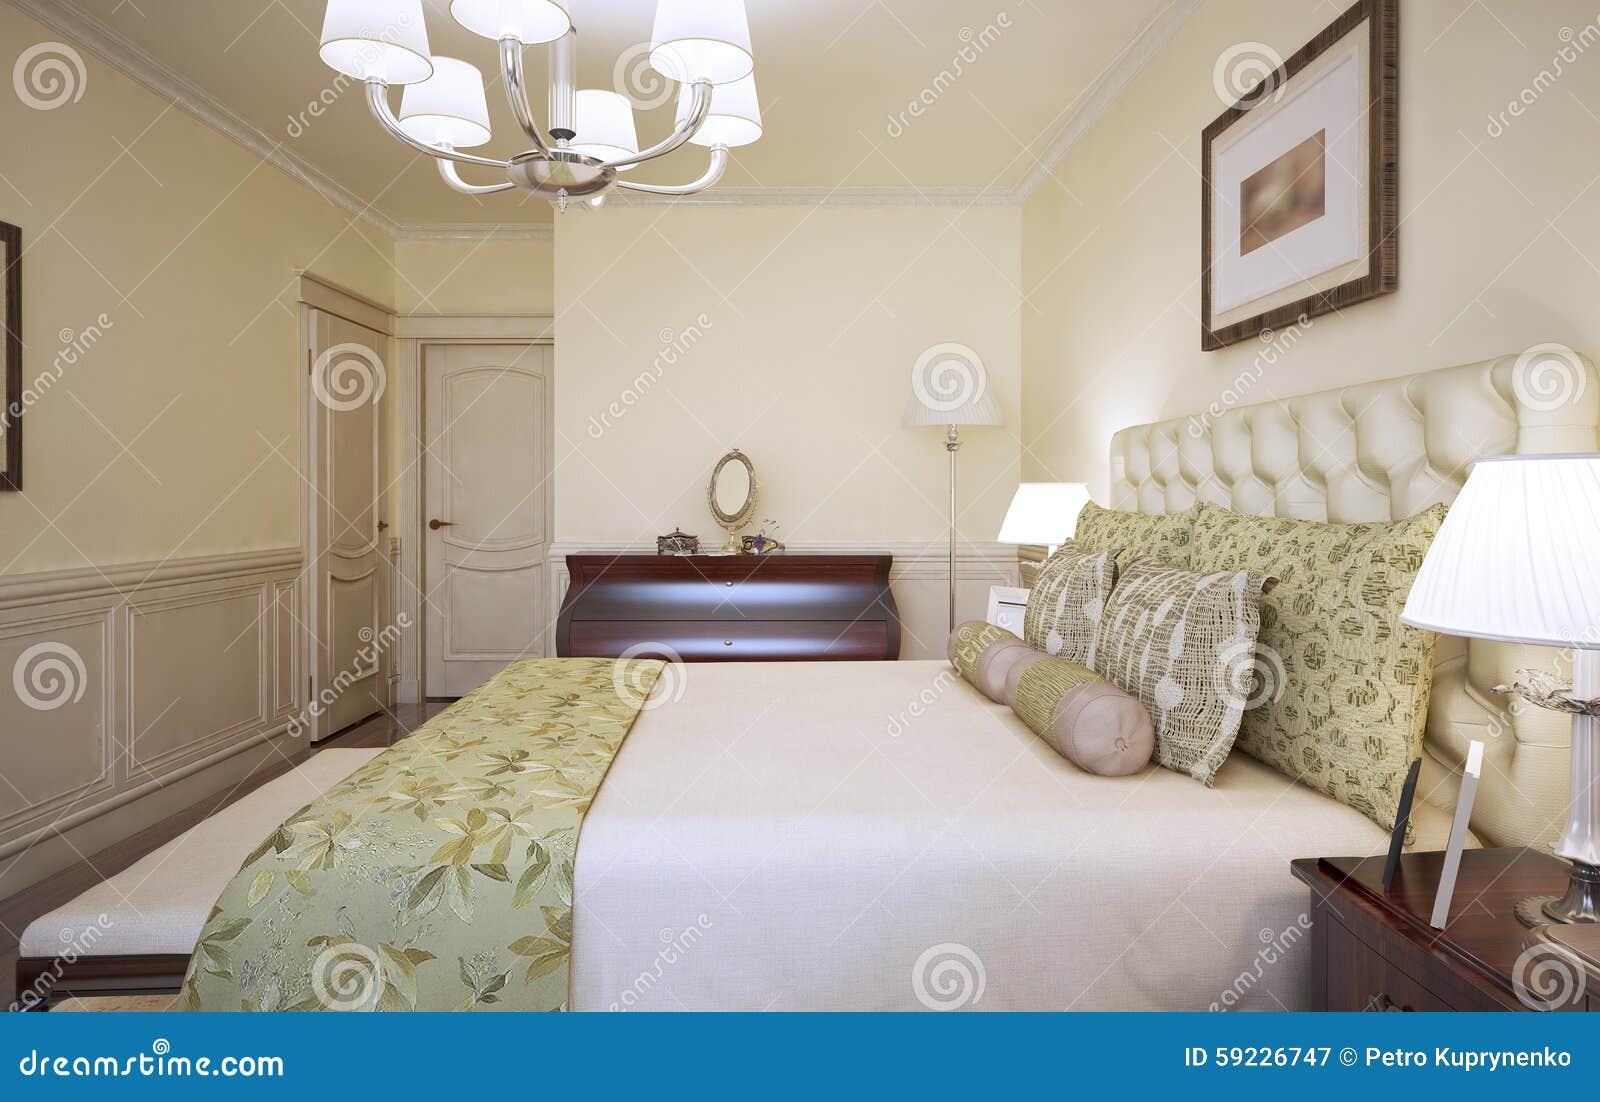 Download Cama Vestida En Dormitorio Moderno Stock de ilustración - Ilustración de preparación, alfombra: 59226747